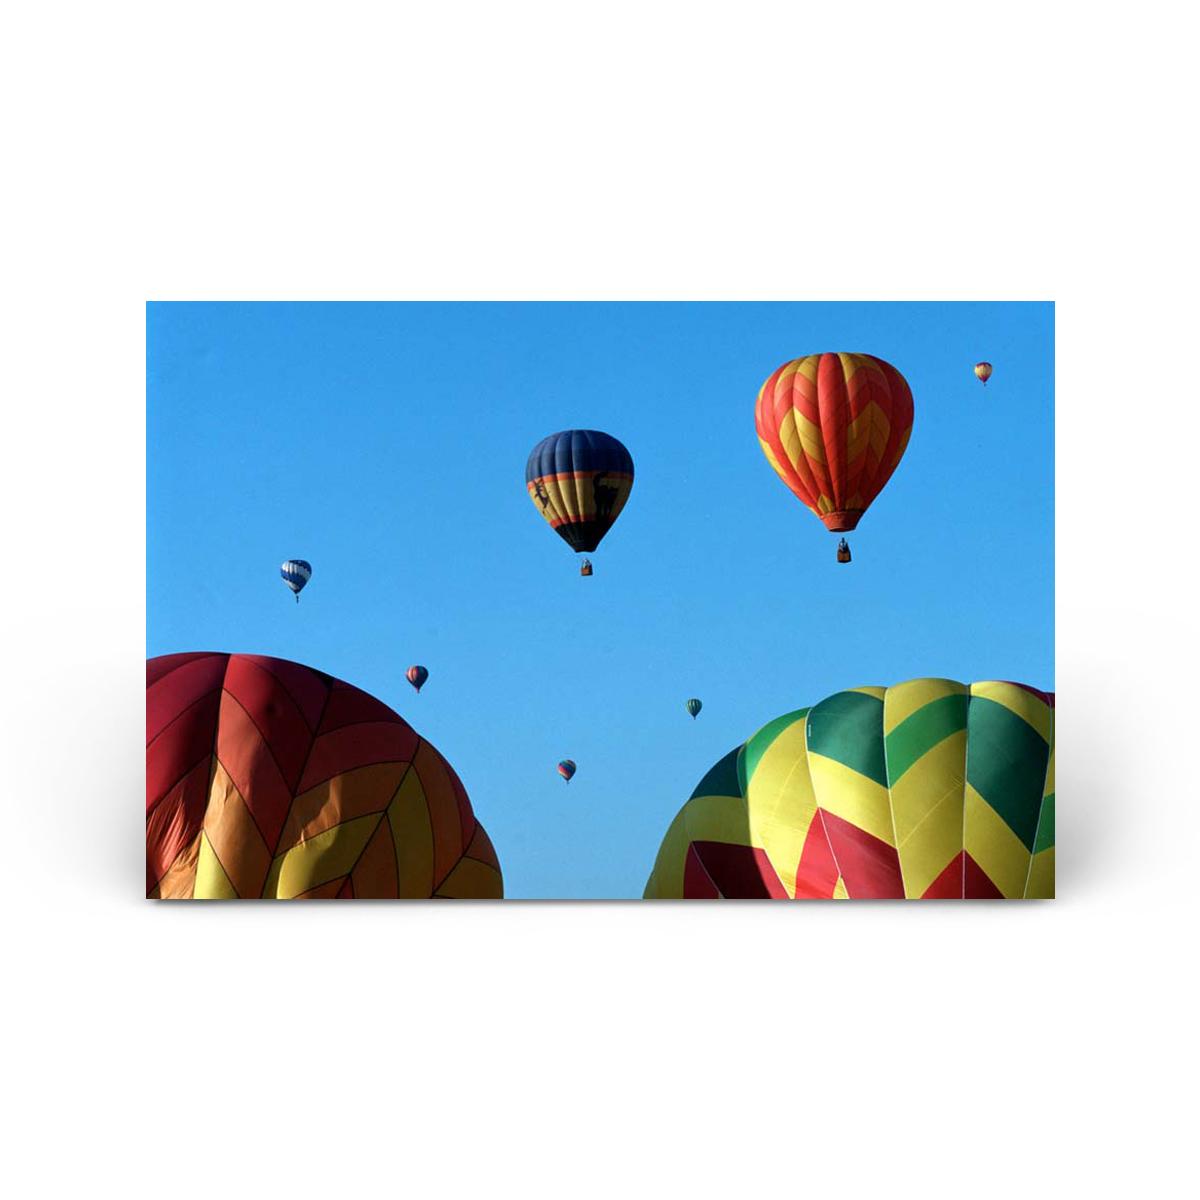 Arts & Culture: Balloons Lift Off